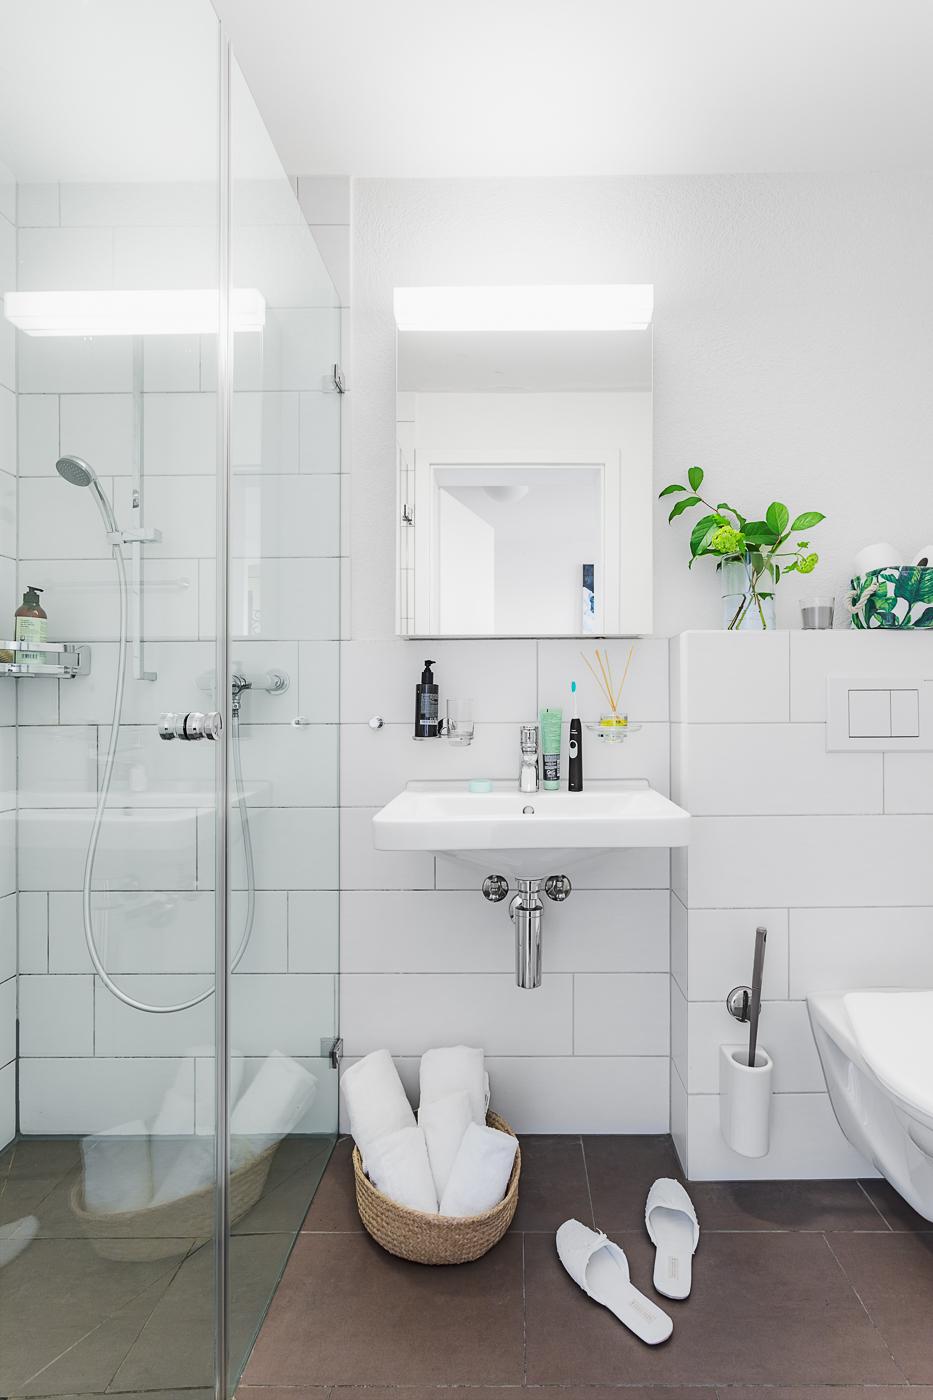 Bathroom at Oerlikon Lodge